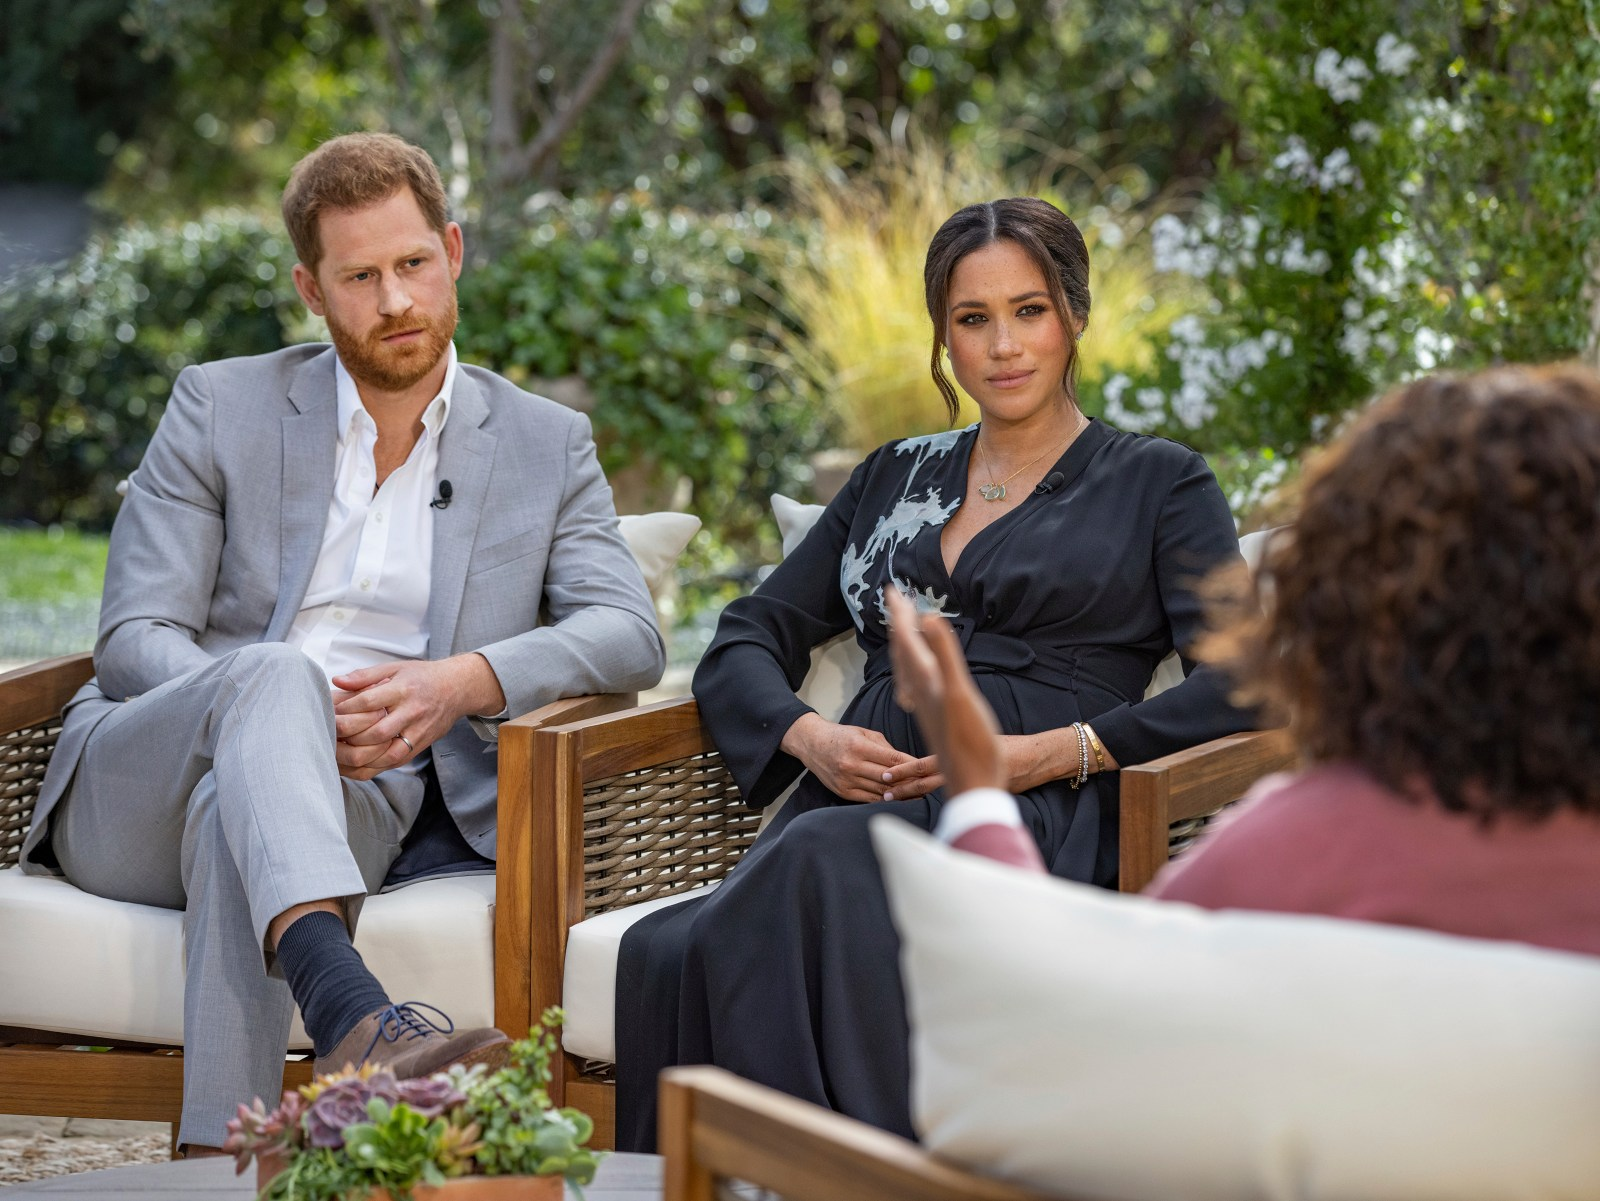 Las 7 revelaciones más impactantes de la entrevista de los Duques de Sussex con Oprah Winfrey